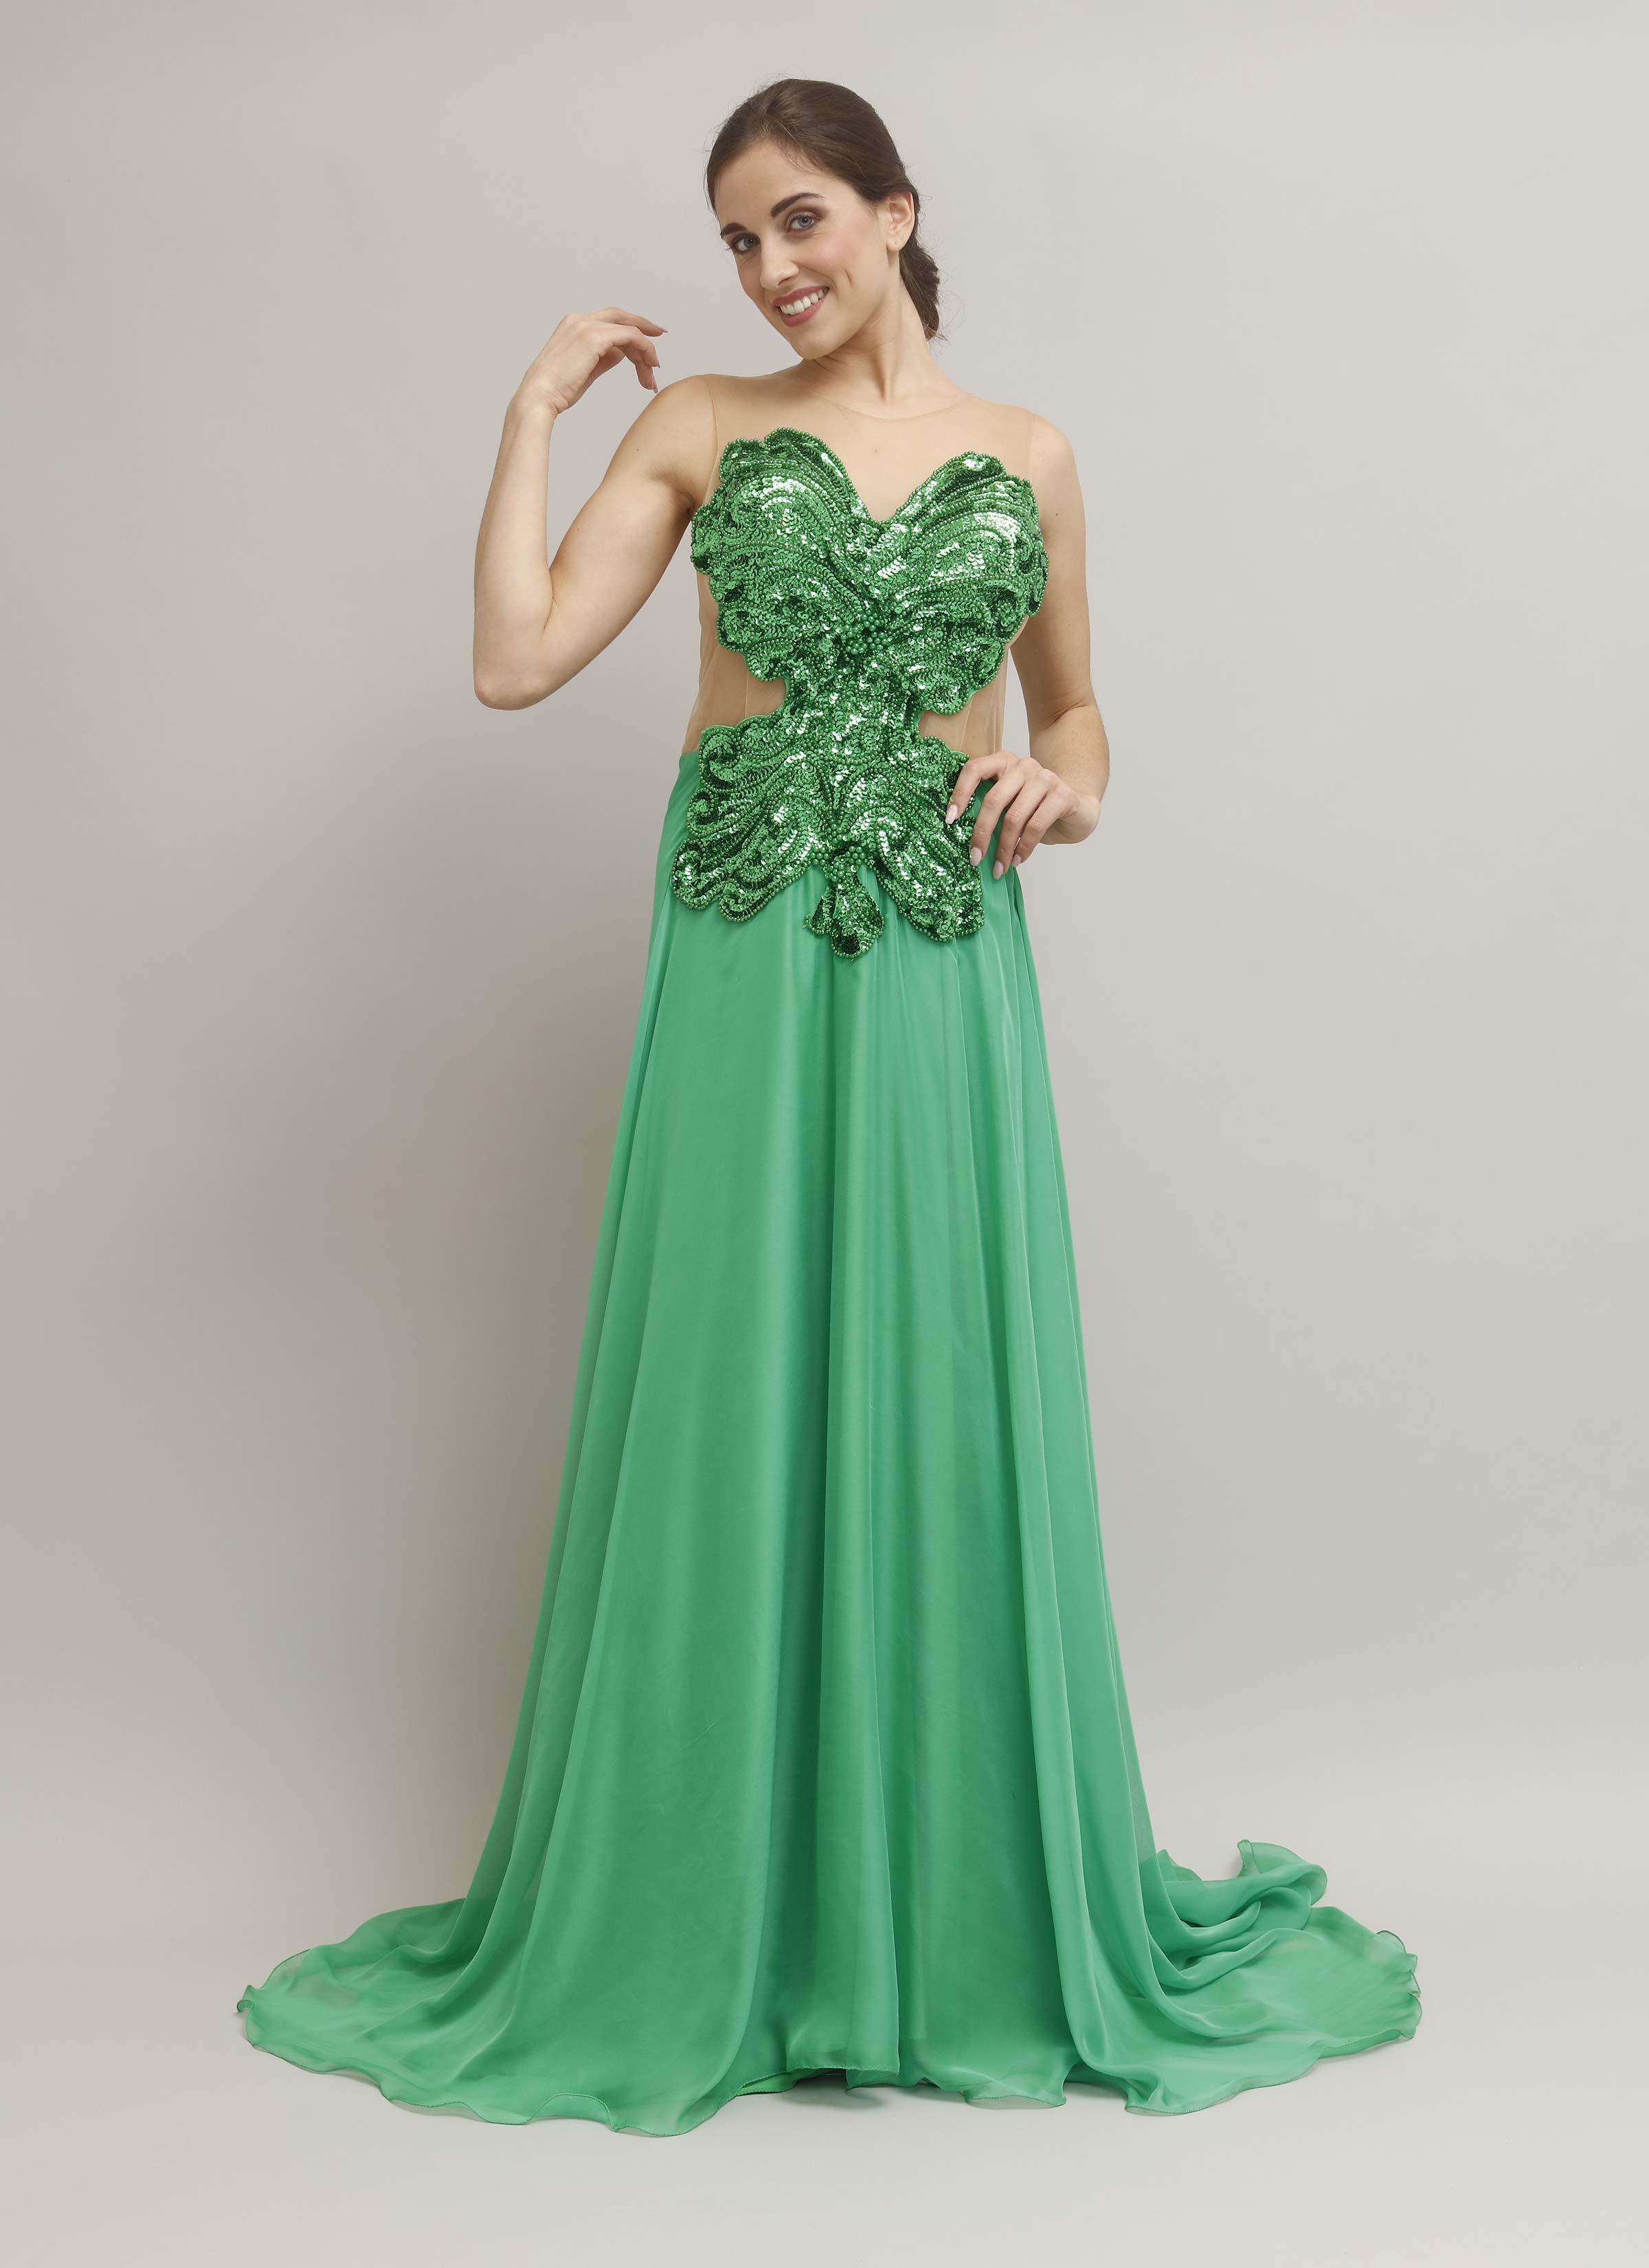 ultima moda consegna gratuita selezione speciale di Odilia | Abito da cerimonia verde con schiena trasparente